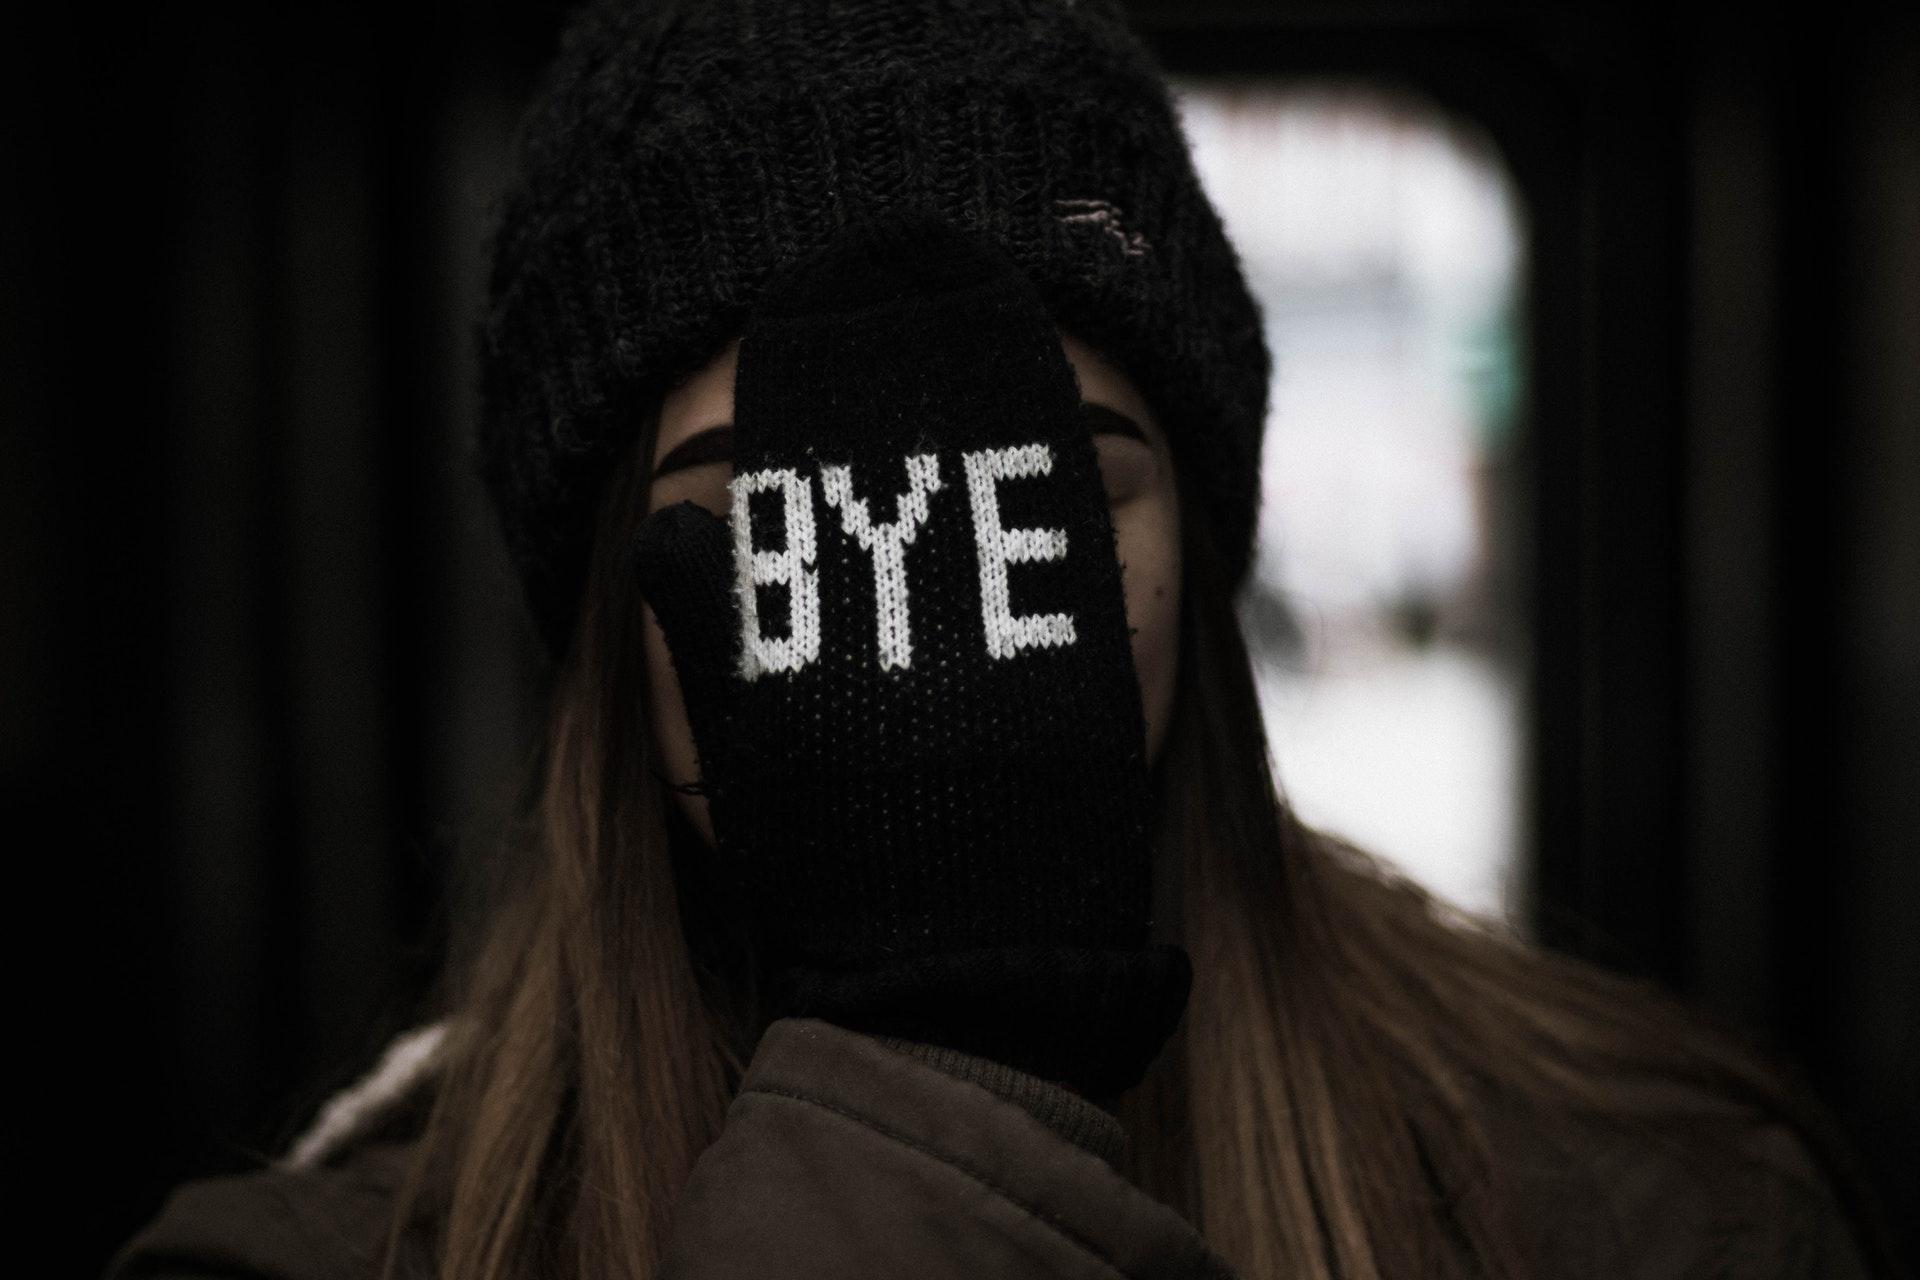 BYEと書かれた手袋をしている女性